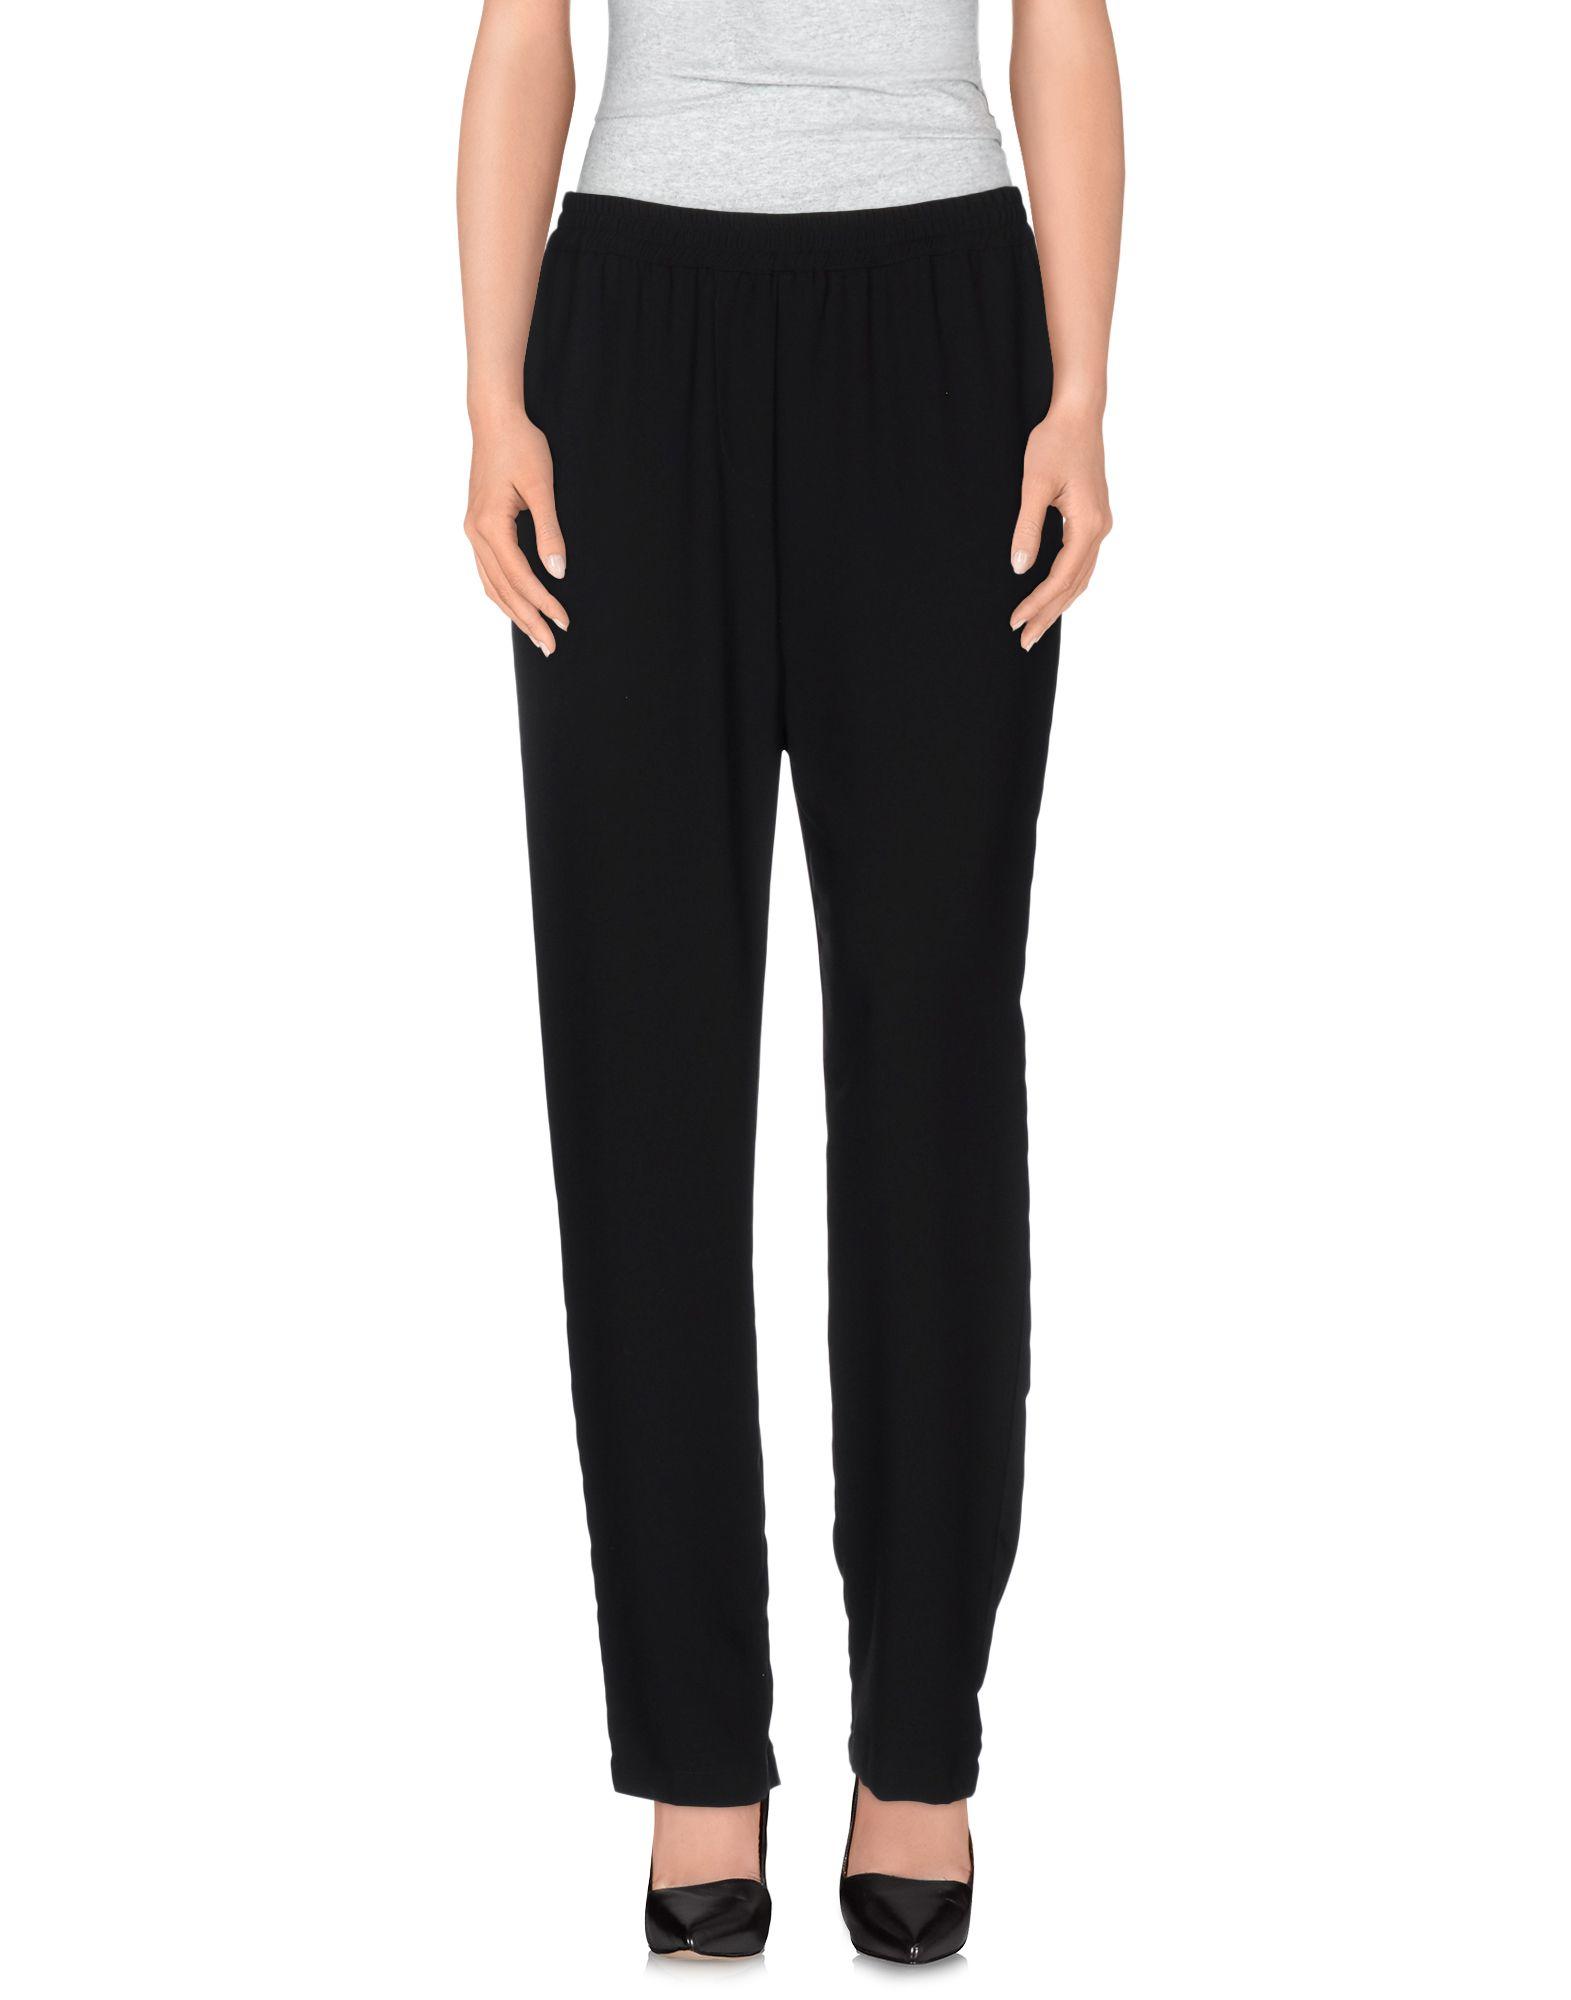 CLU Повседневные брюки брюки для девочки y9147 чёрный y clu